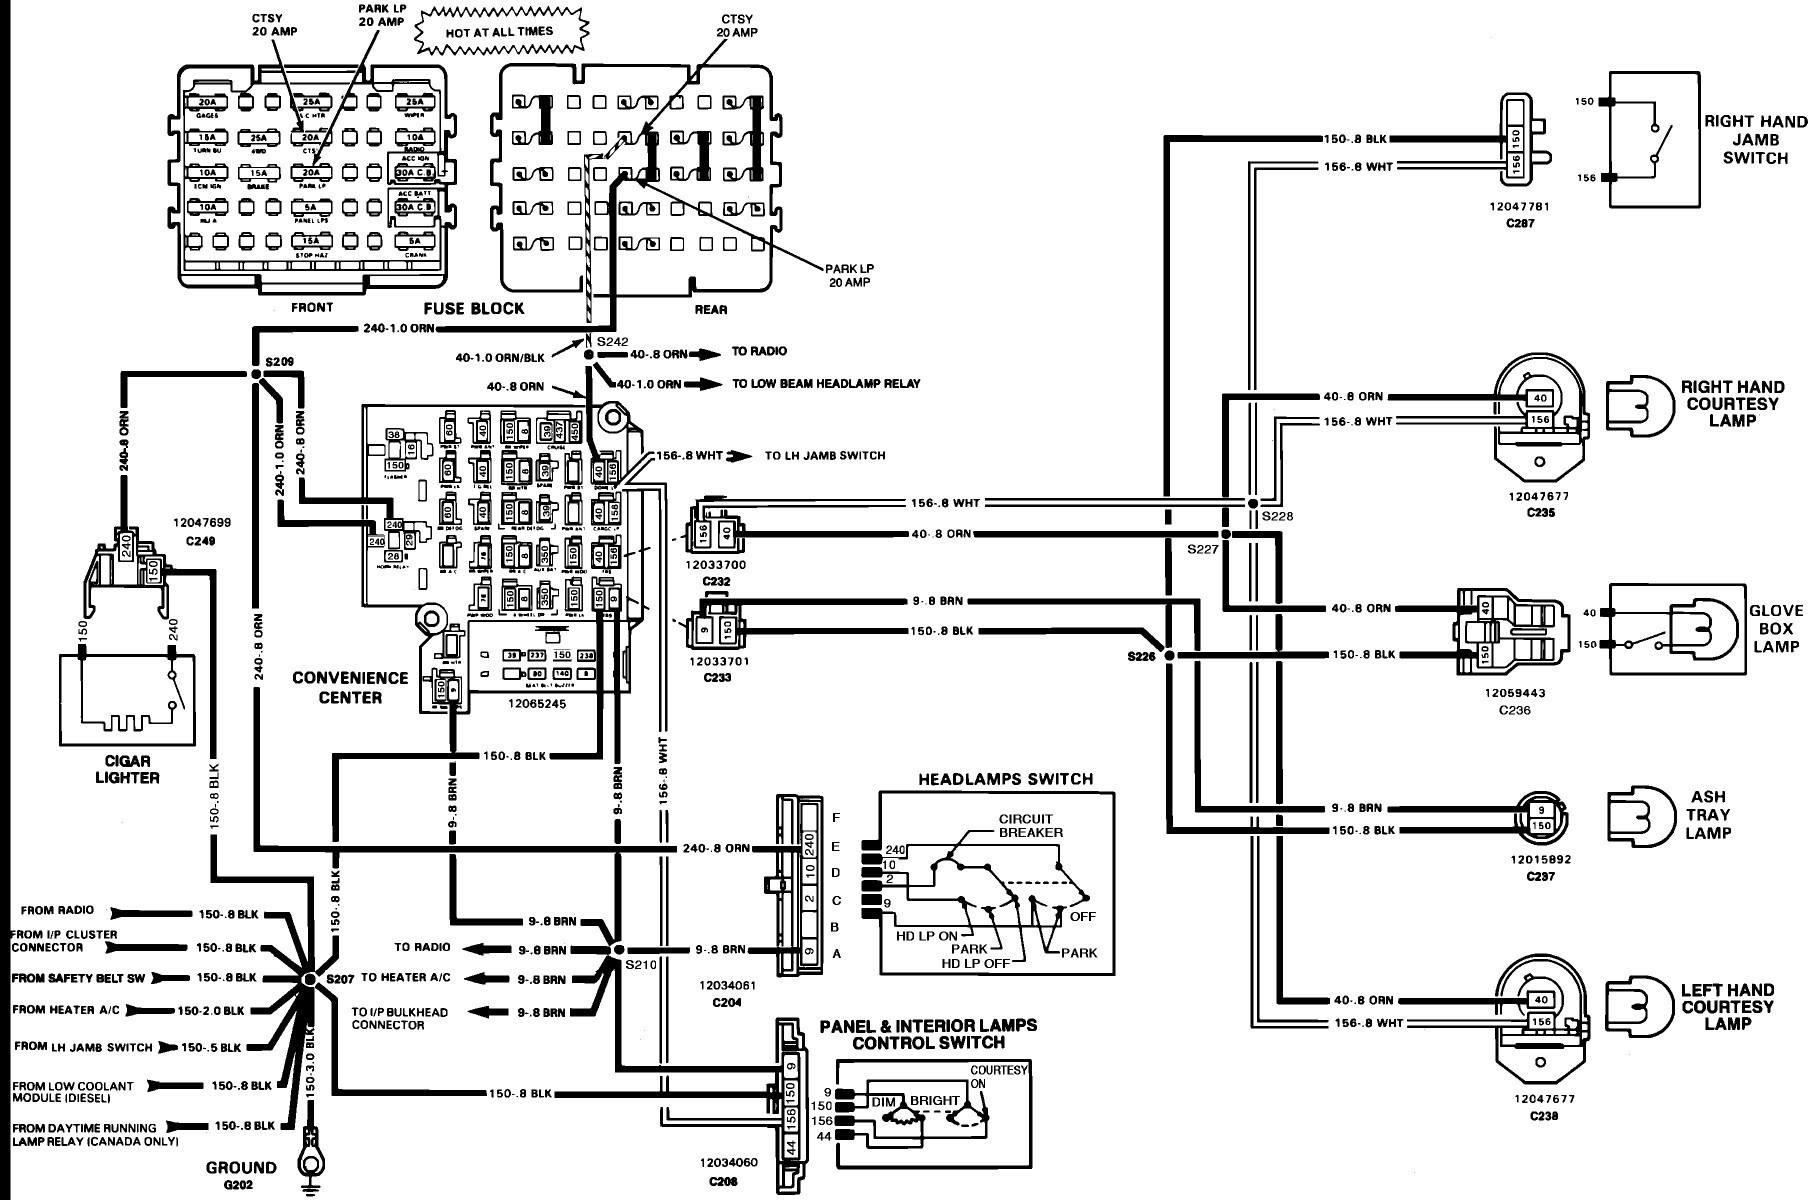 2000 Chevy Silverado Parts Diagram Beautiful Chevy Silverado Parts Catalog Models Of 2000 Chevy Silverado Parts Diagram